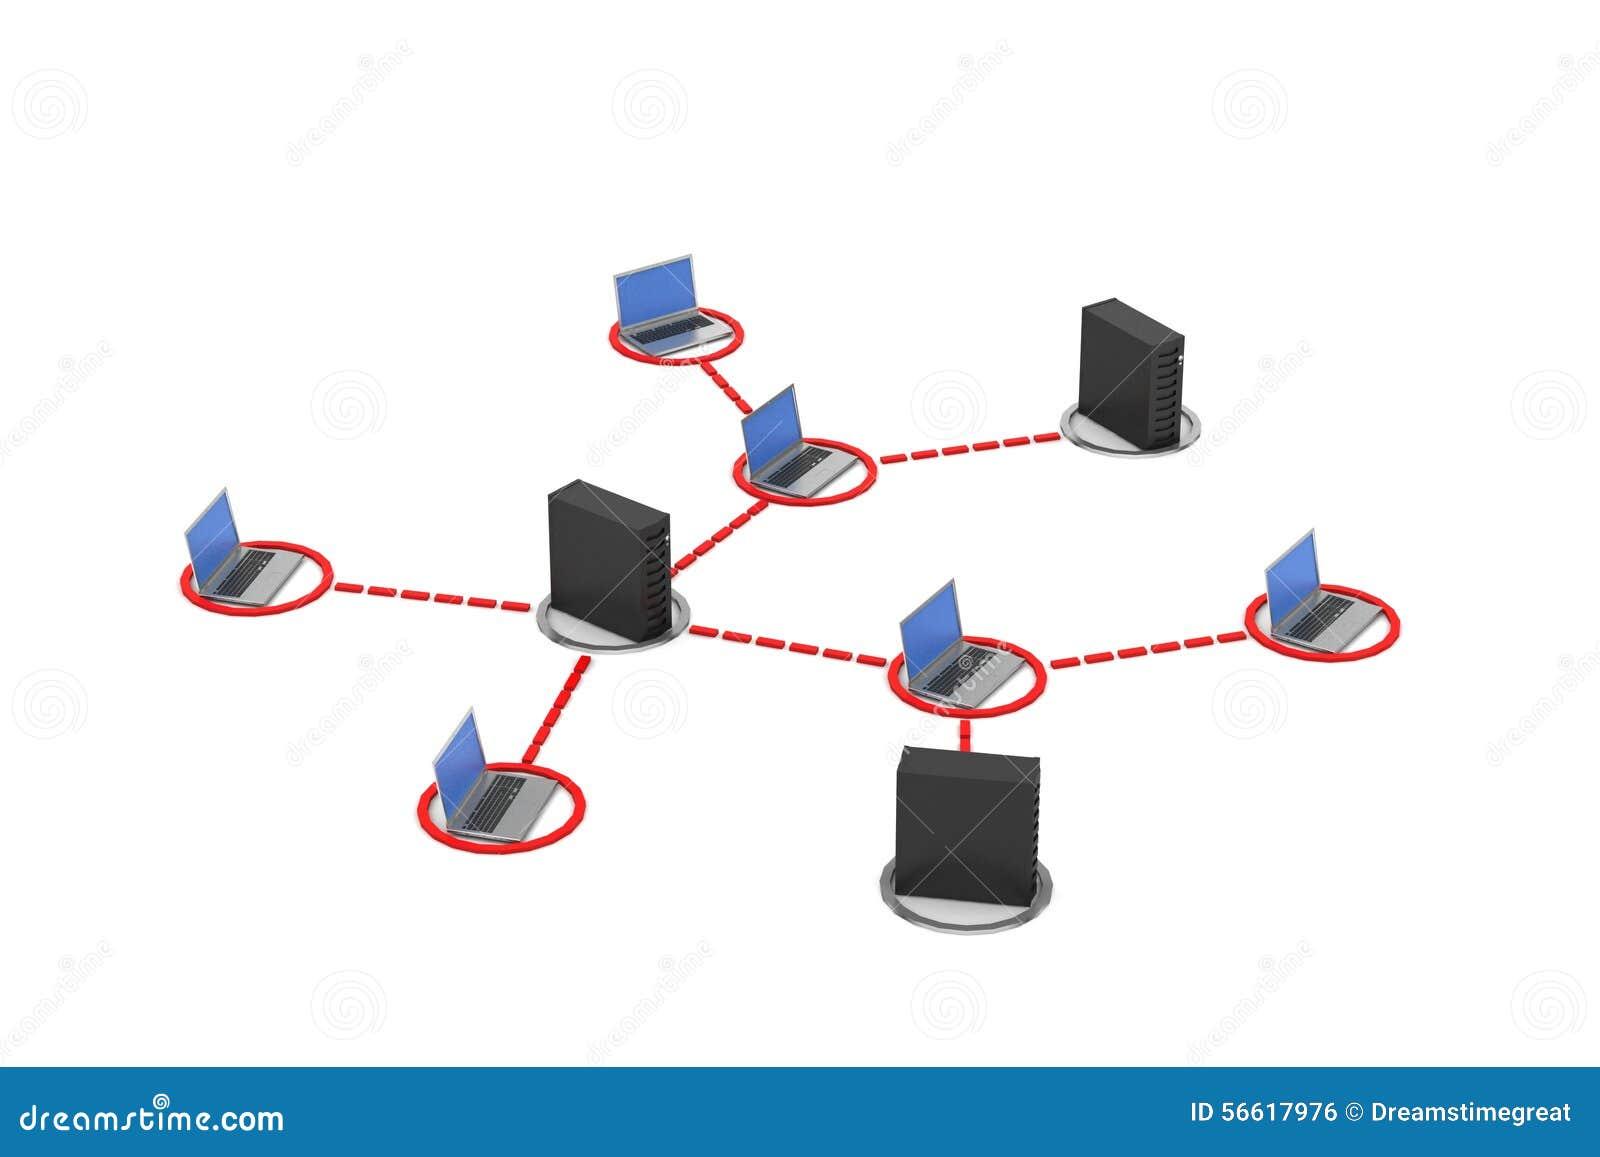 Voorzien van een netwerk met server stock illustratie afbeelding 56617976 - Een wasruimte voorzien ...